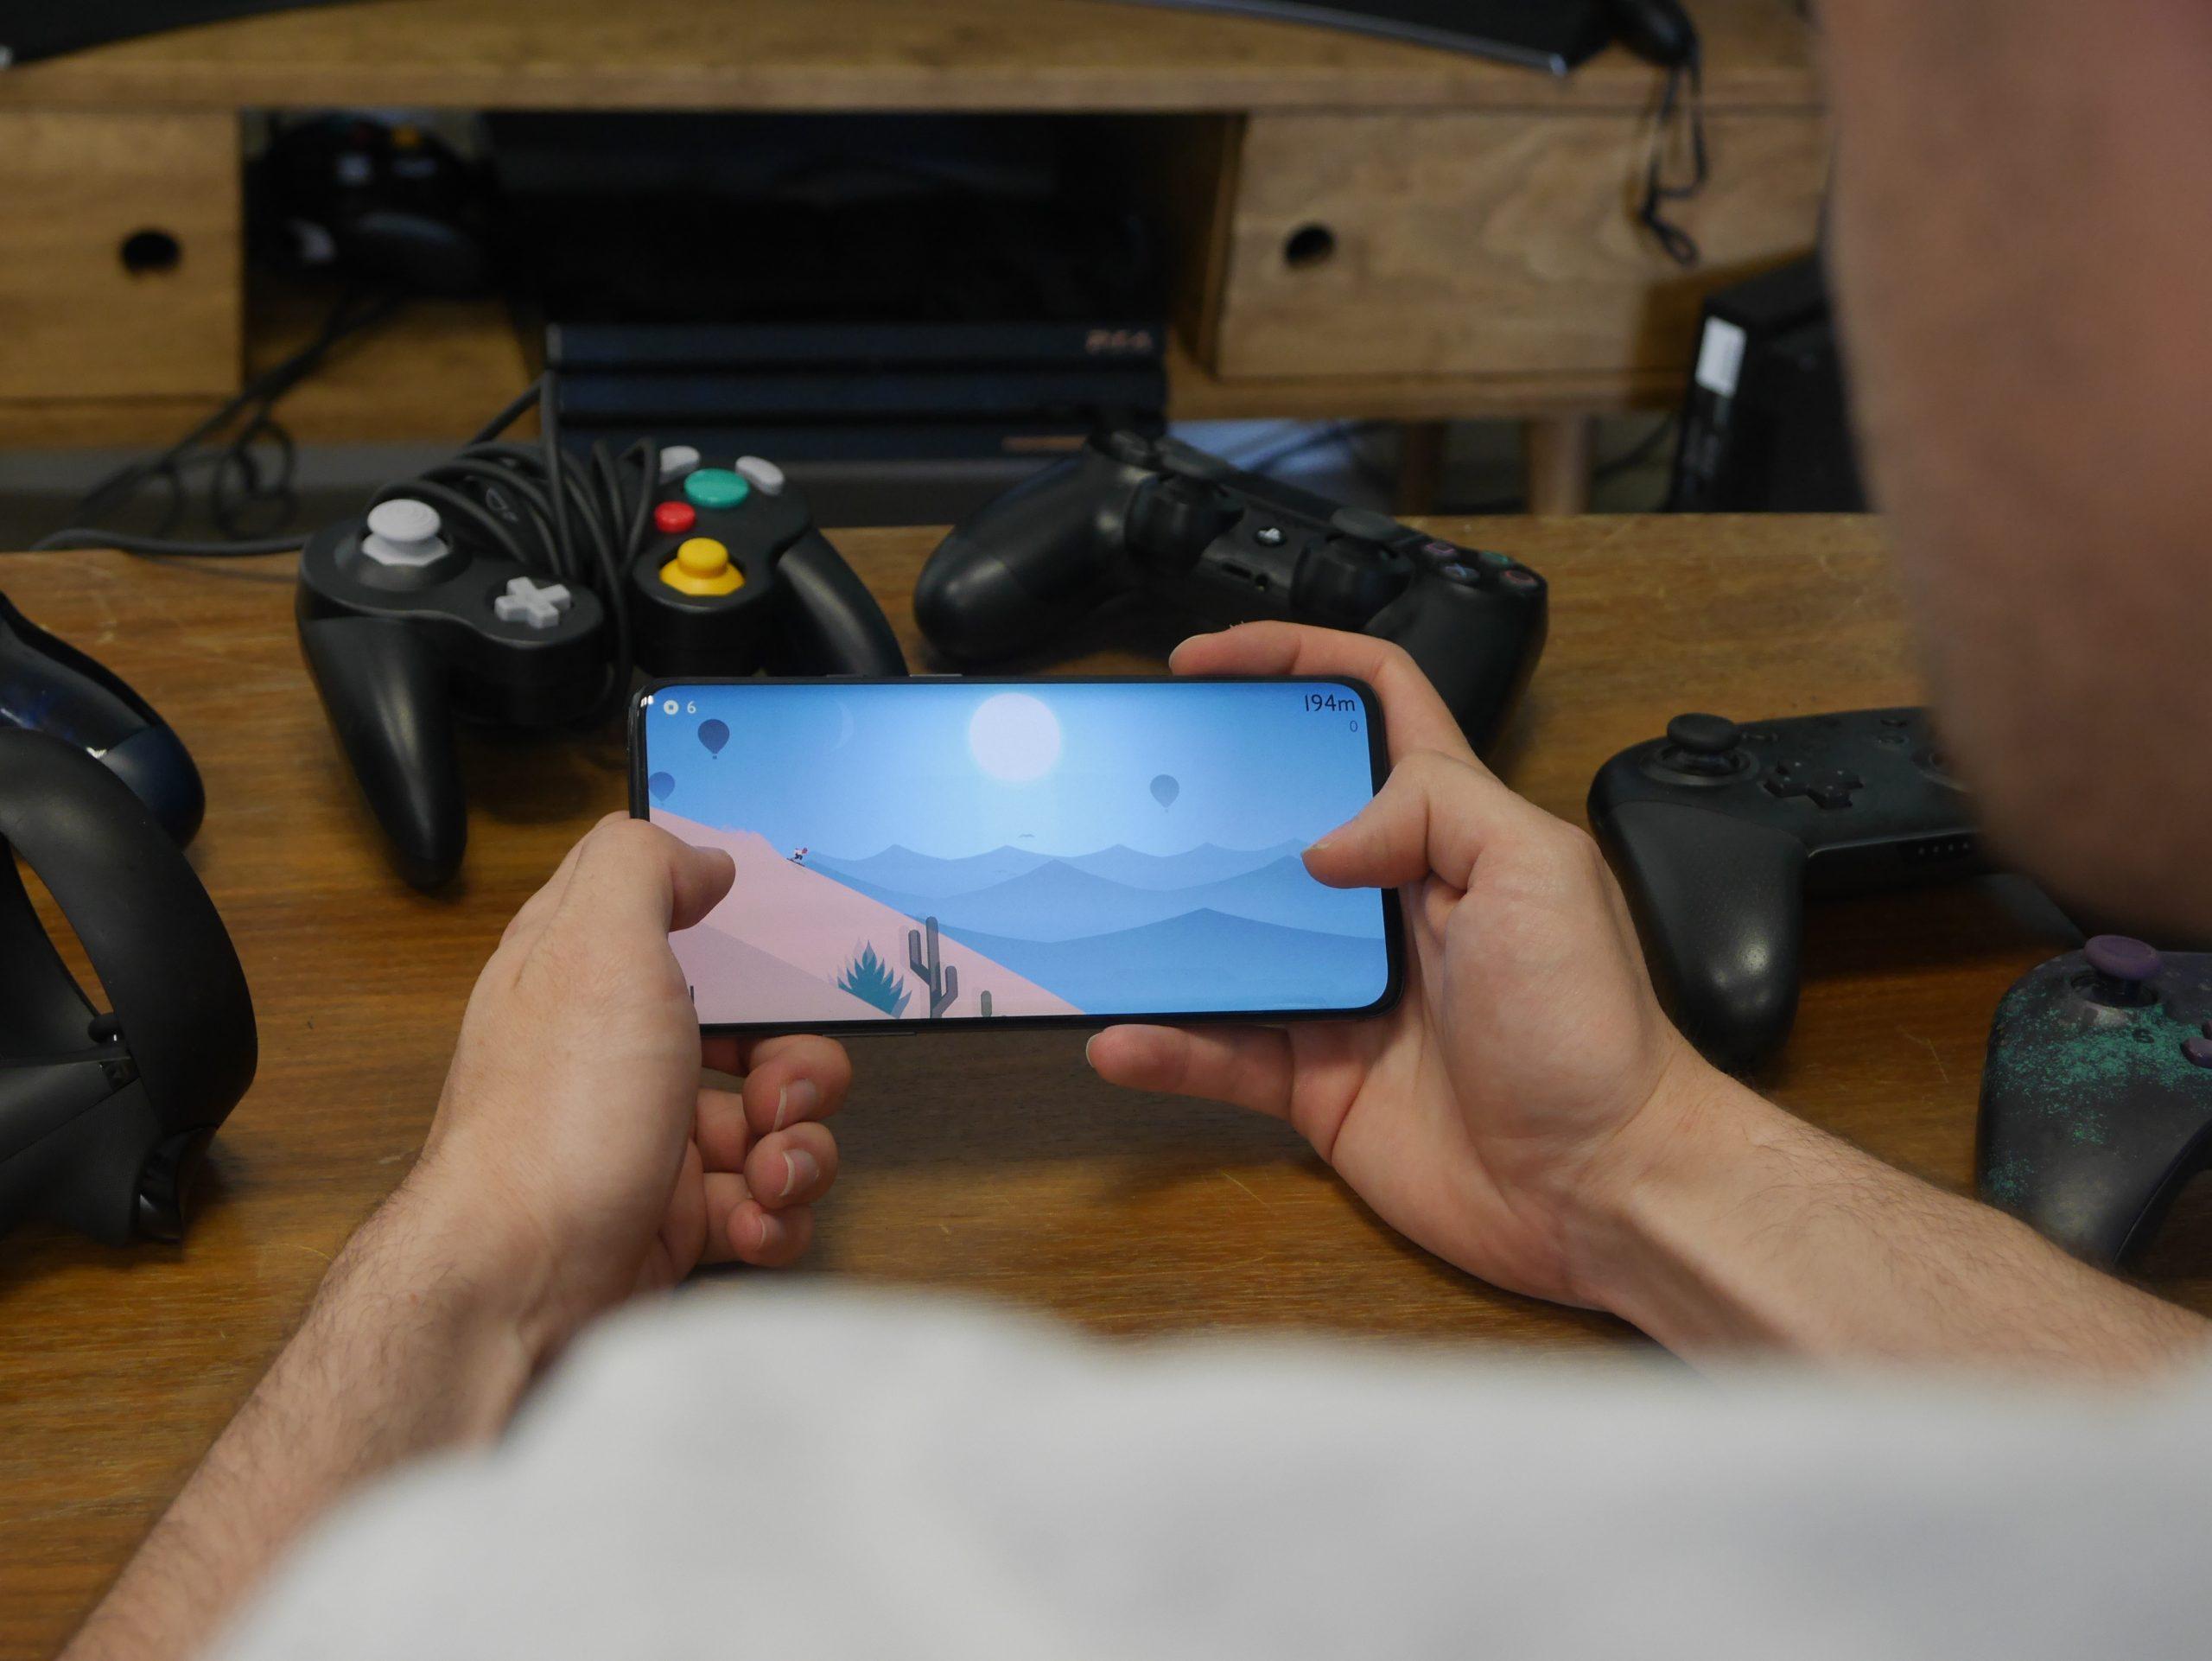 Les Meilleurs Jeux Gratuits Sur Android En 2020 destiné Casse Brique Gratuit En Ligne